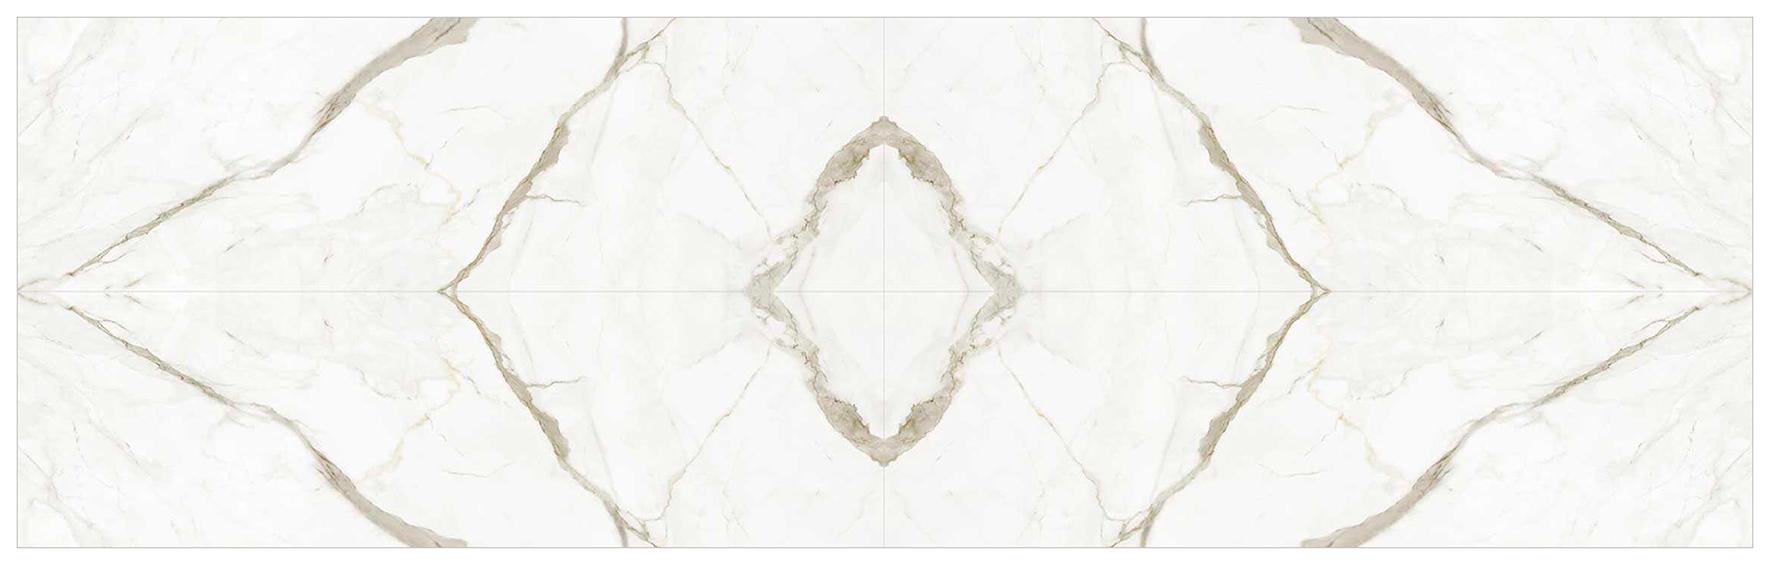 Calacatta-Oro-Venato-Book-Match-Face-1620x3240x12mm